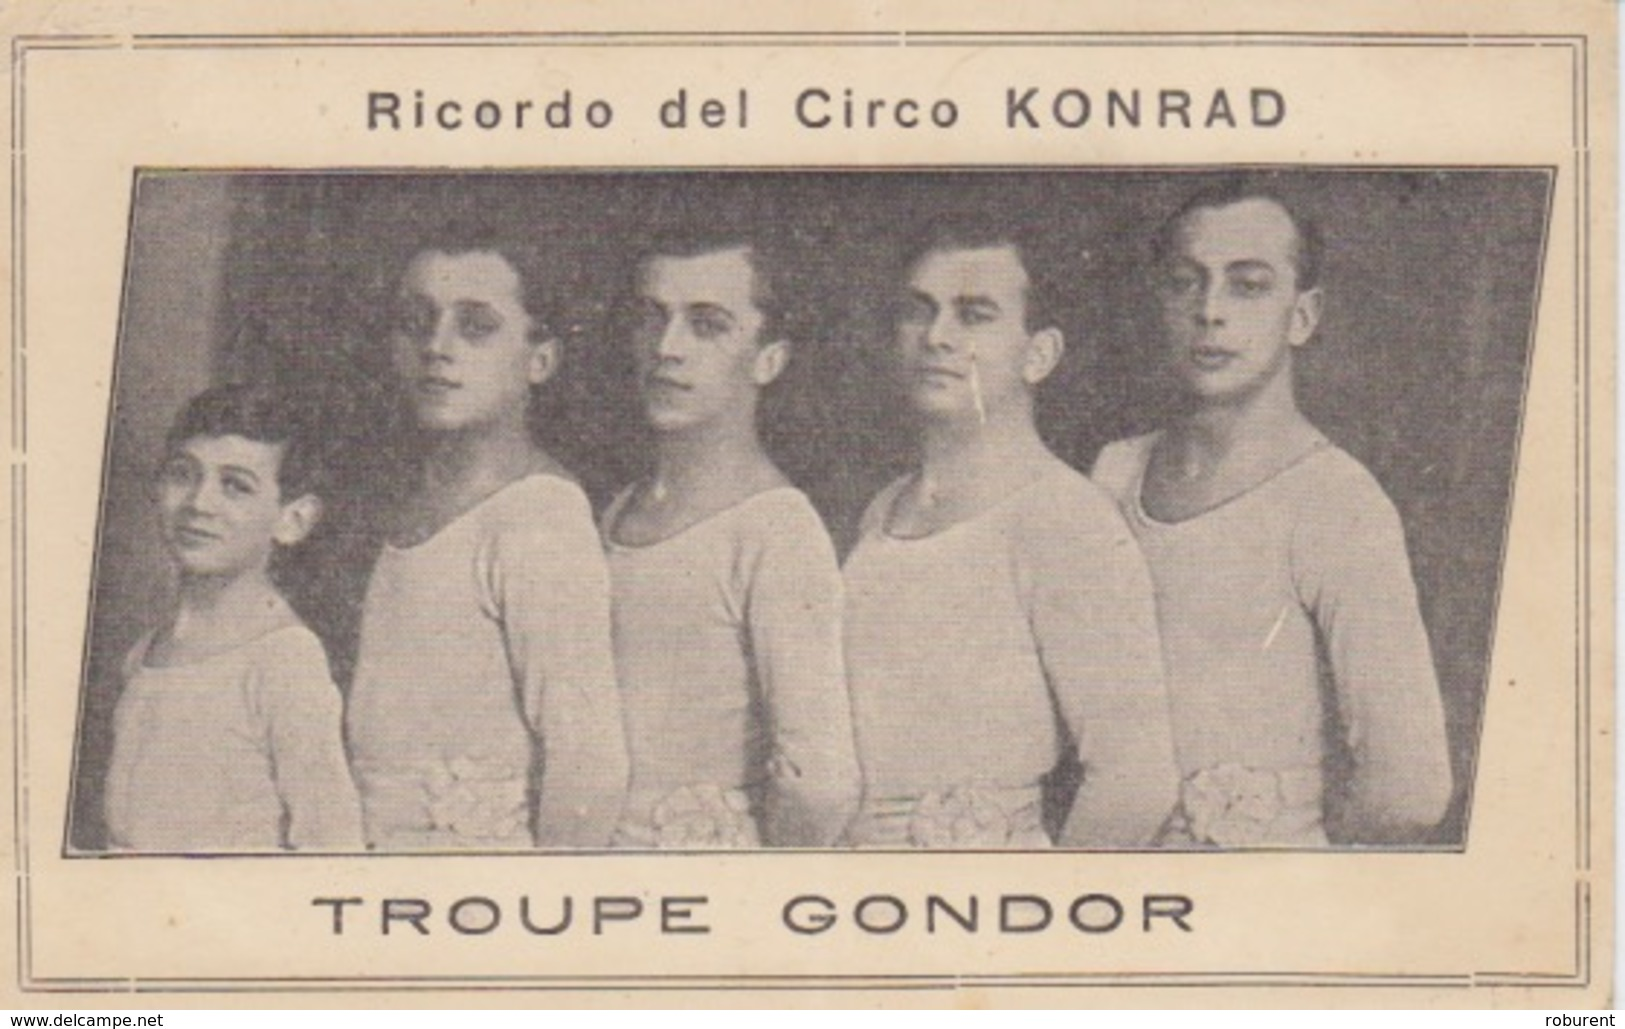 """CARTONCINO FORMATO CARTOLINA - """"RICORDO DEL CIRCO LONRAD-TROUPE GONDOR"""" - Cartoline"""